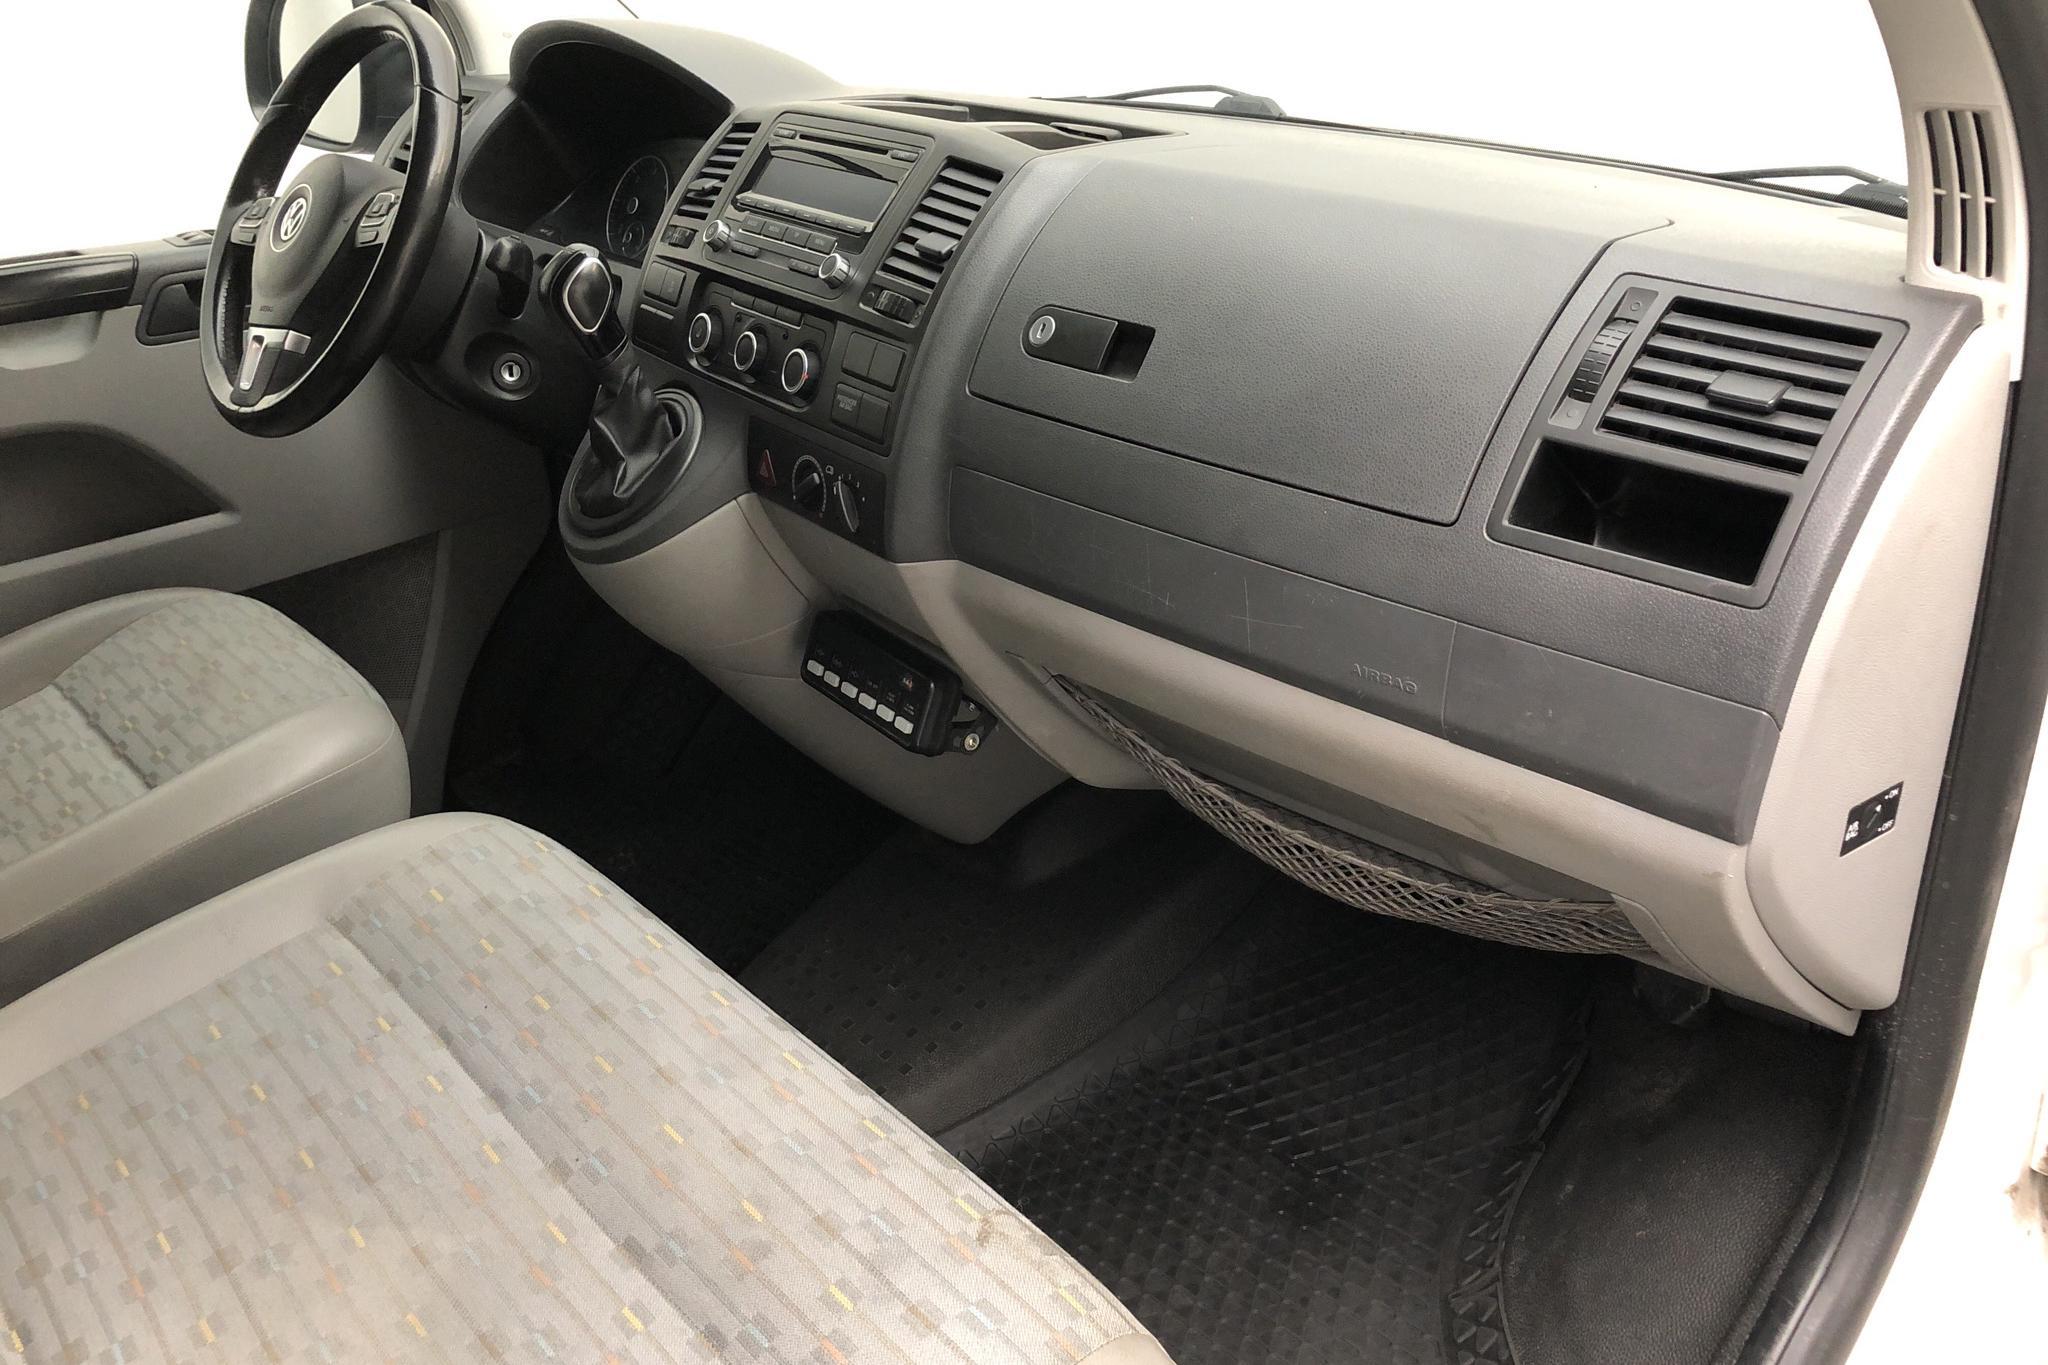 VW Transporter T5 2.0 TDI 4MOTION (180hk) - 10 461 mil - Automat - vit - 2013